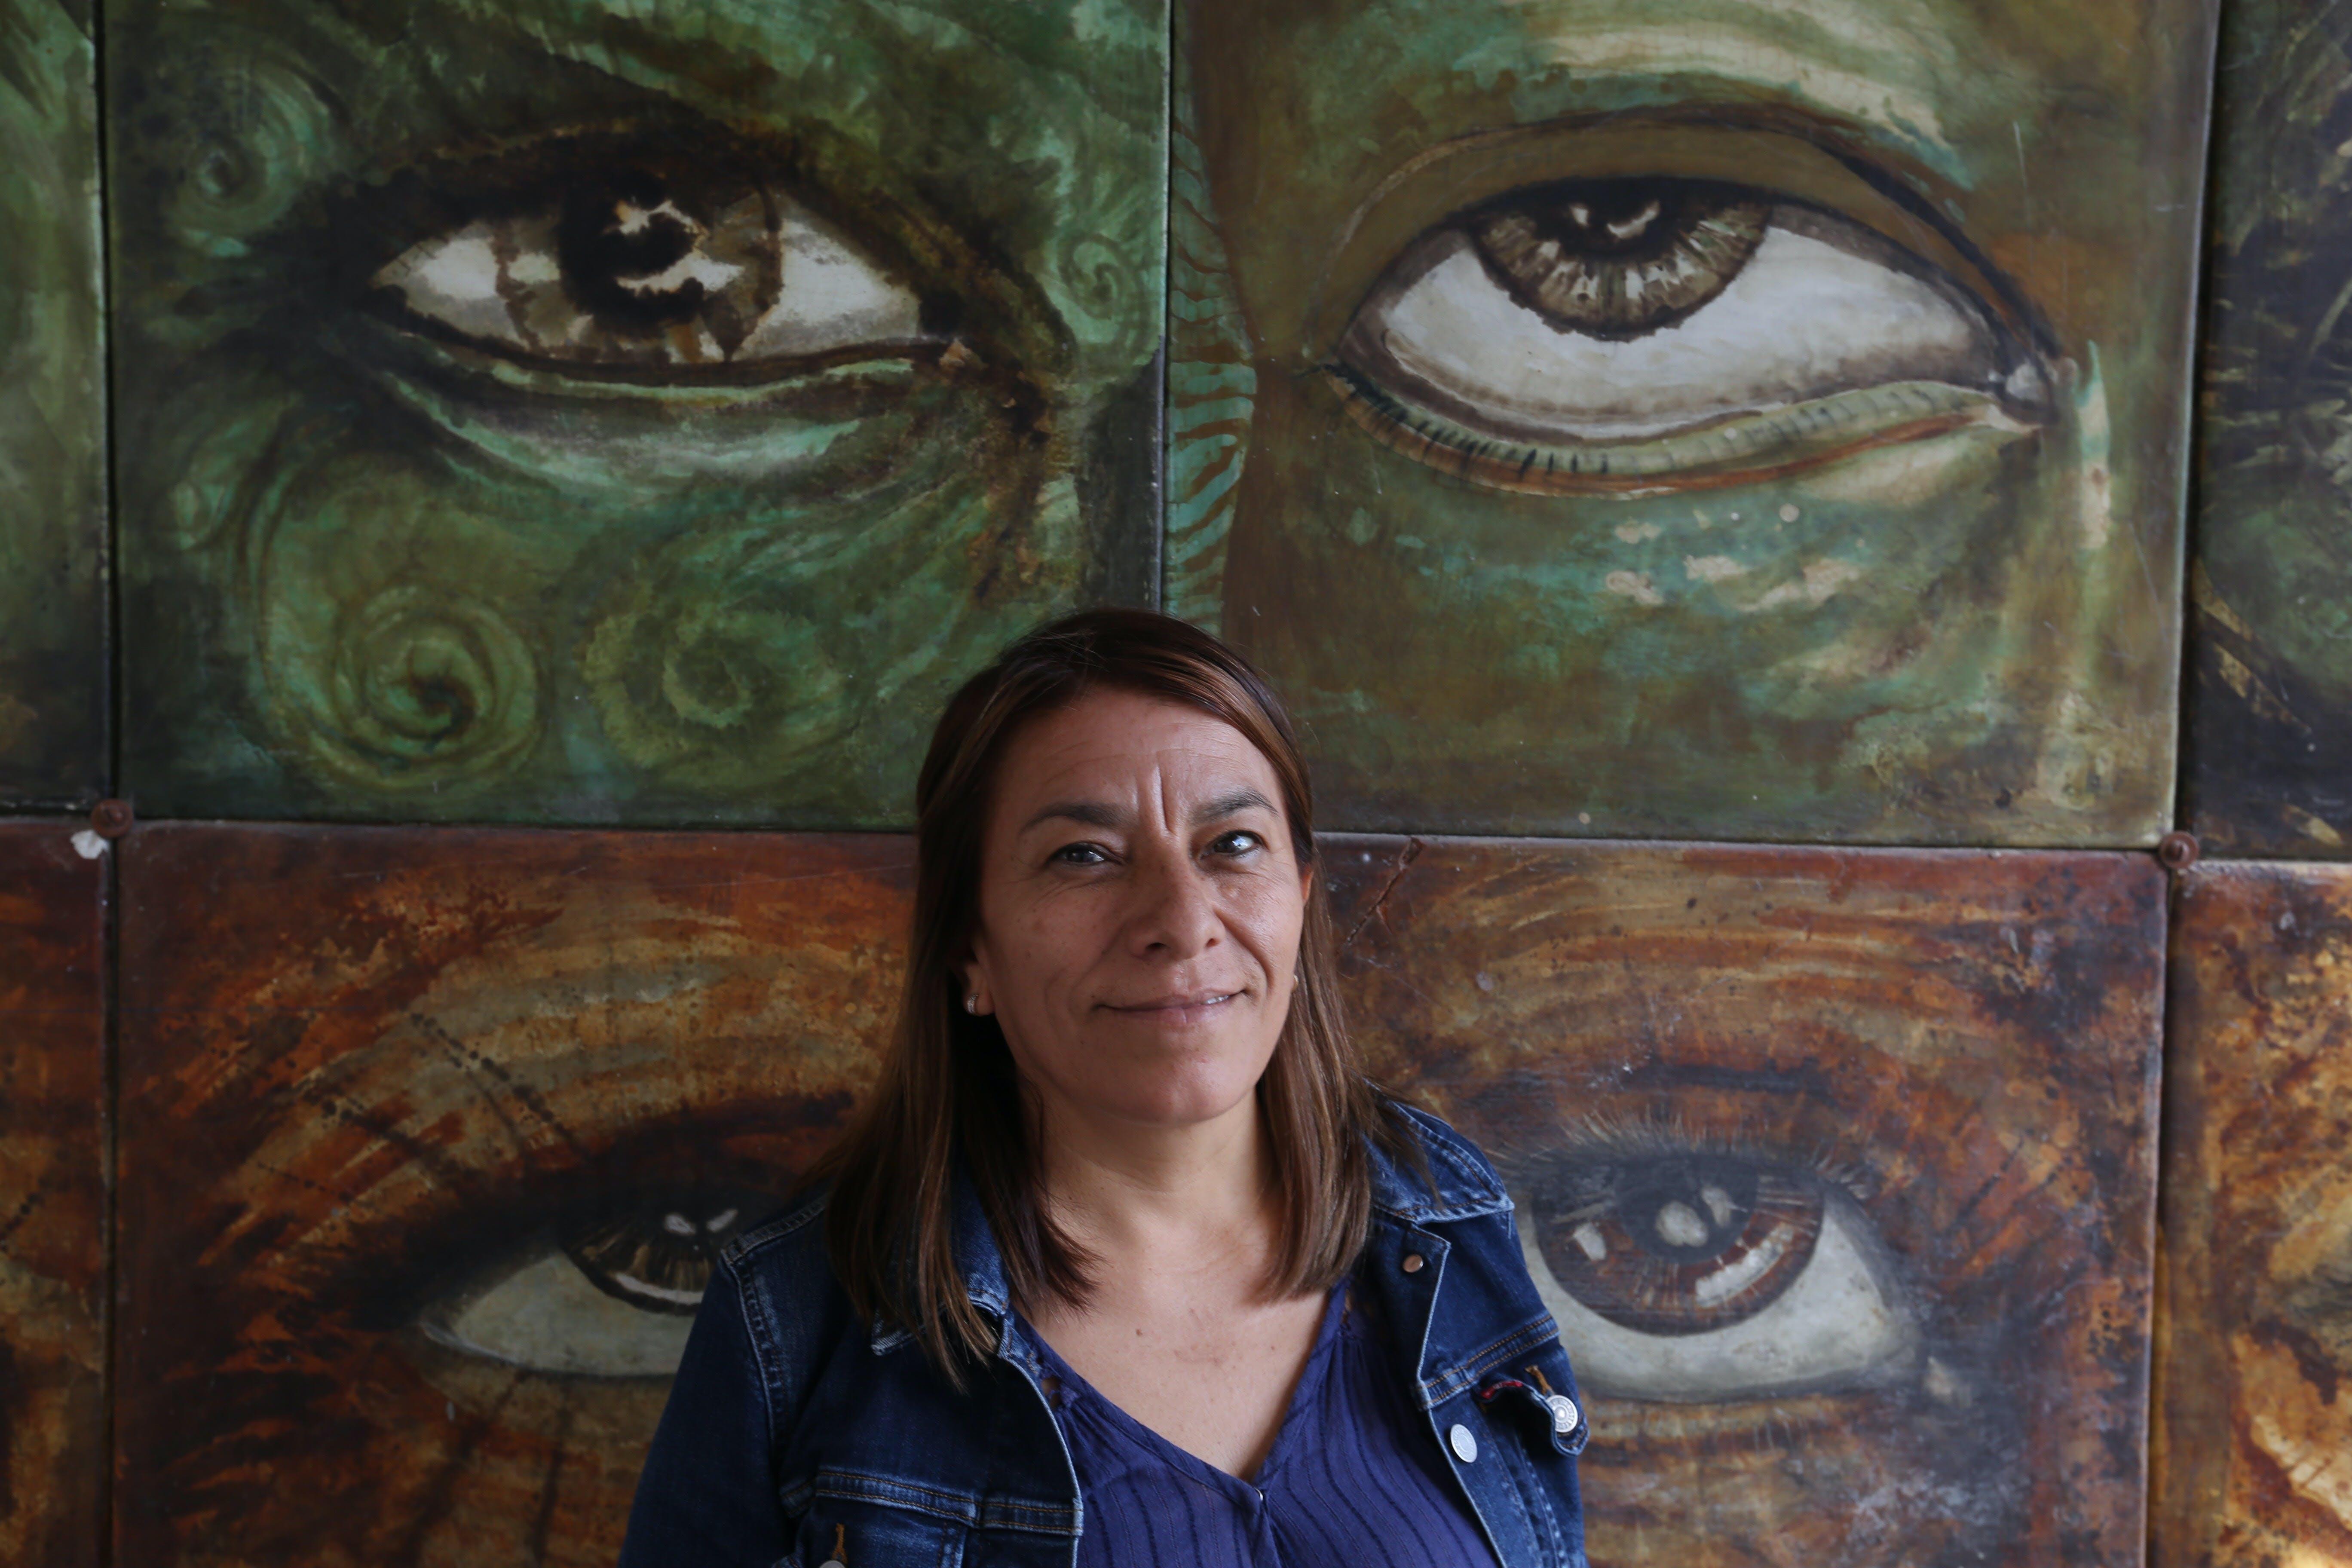 mujeres mujer, aborto, Nuevo León, Criminalización, abuso, feminismo, machismo